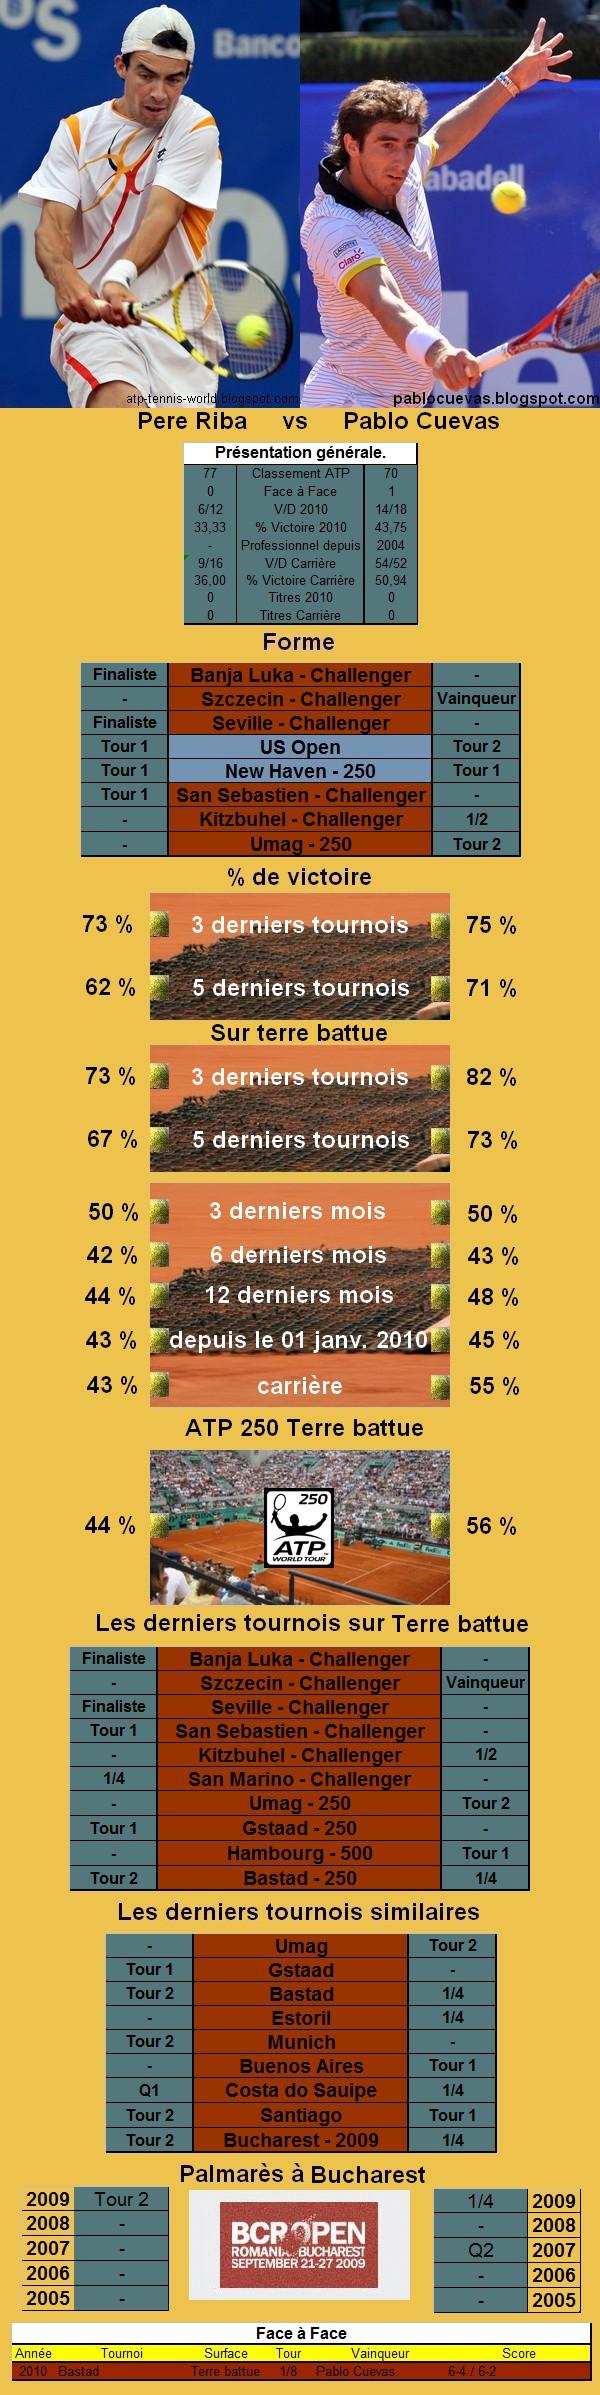 Statistiques tennis de Riba contre Cuevas à Bucarest